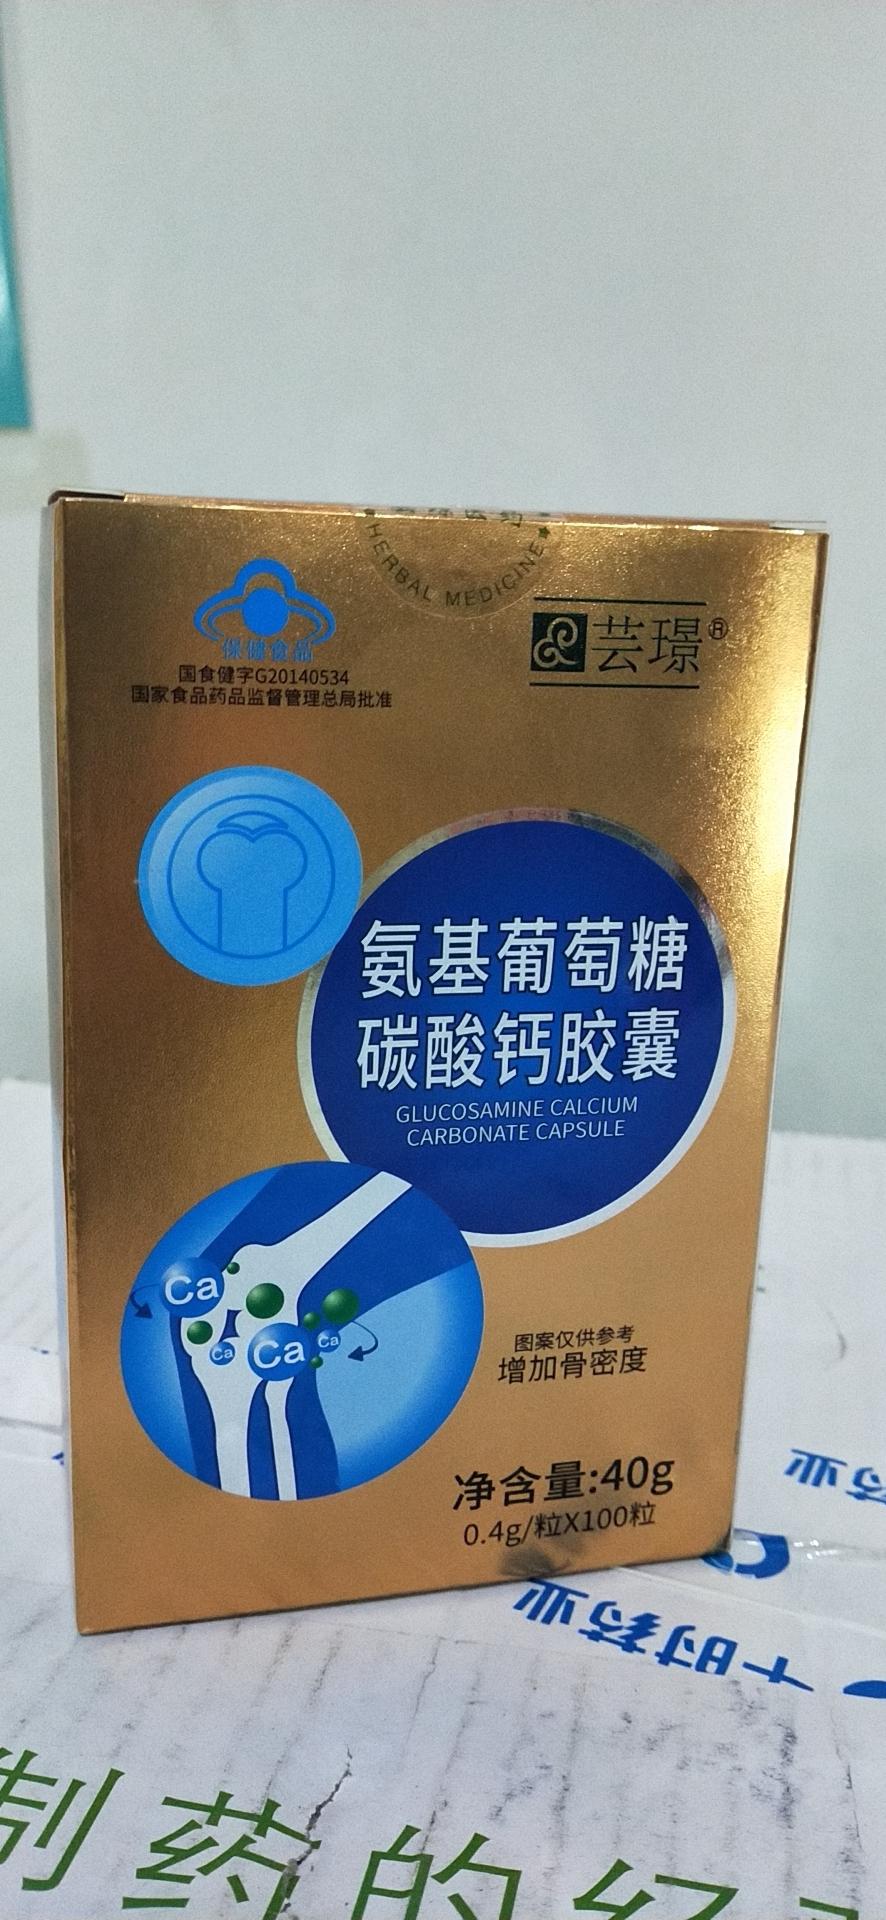 芸璟氨基葡萄糖碳酸钙胶囊-副本